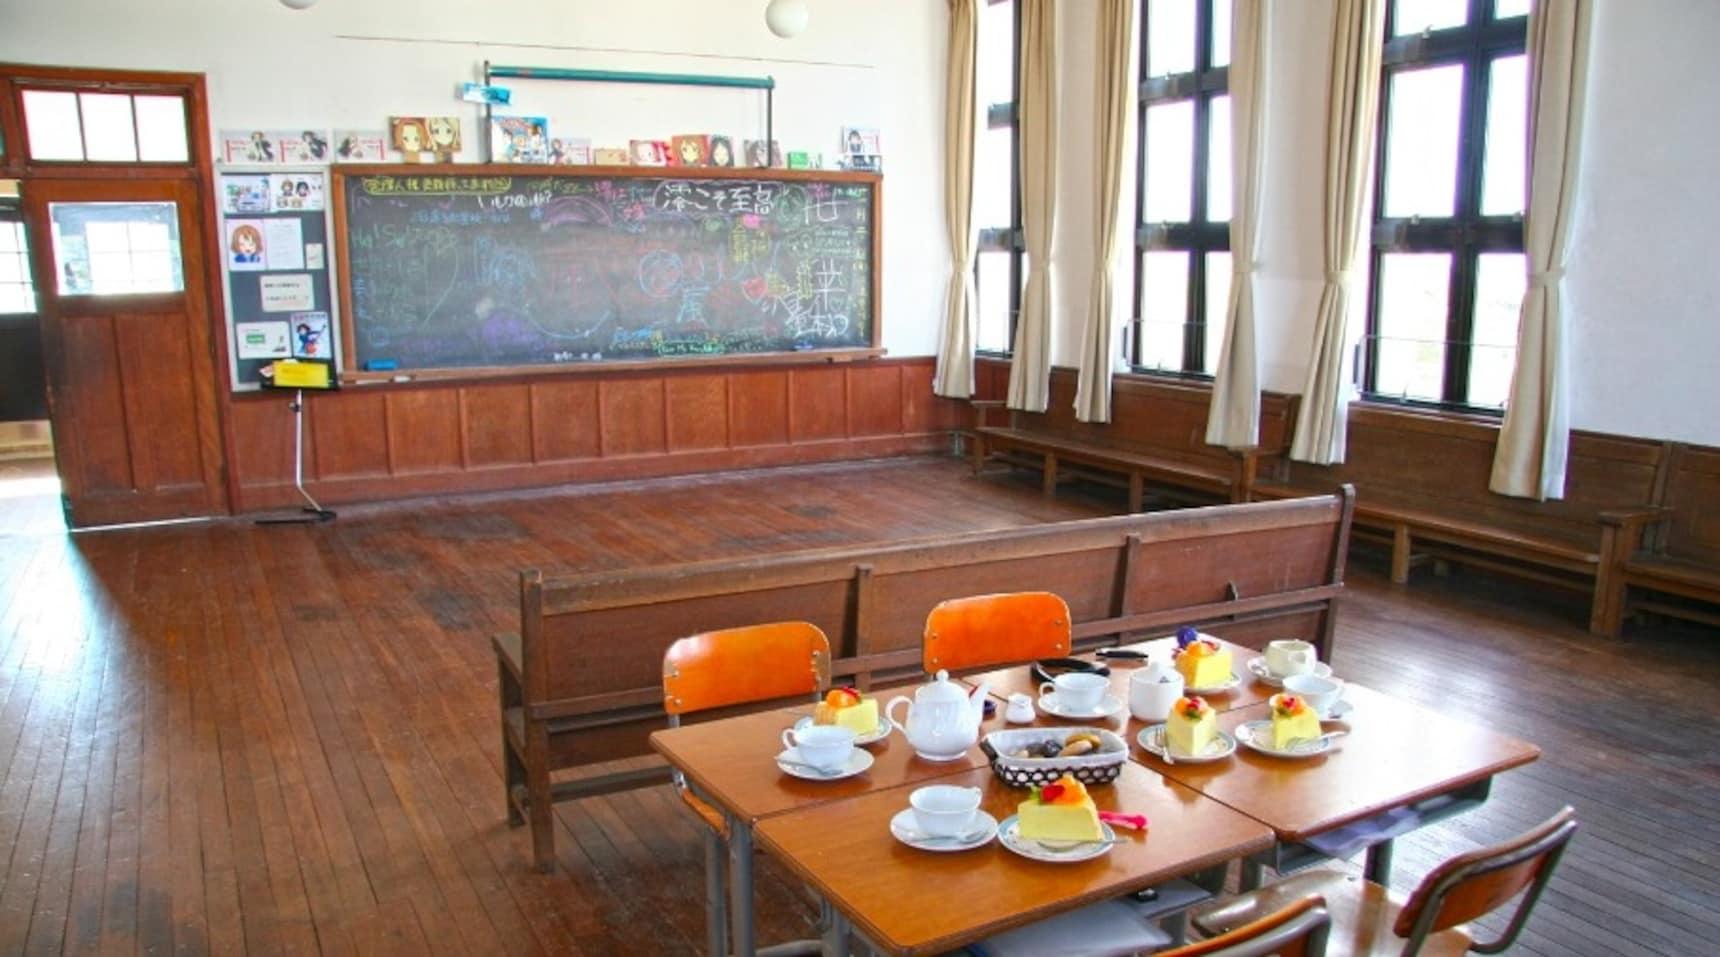 พาไปเที่ยวโรงเรียนต้นแบบในอนิเมะ K-On!